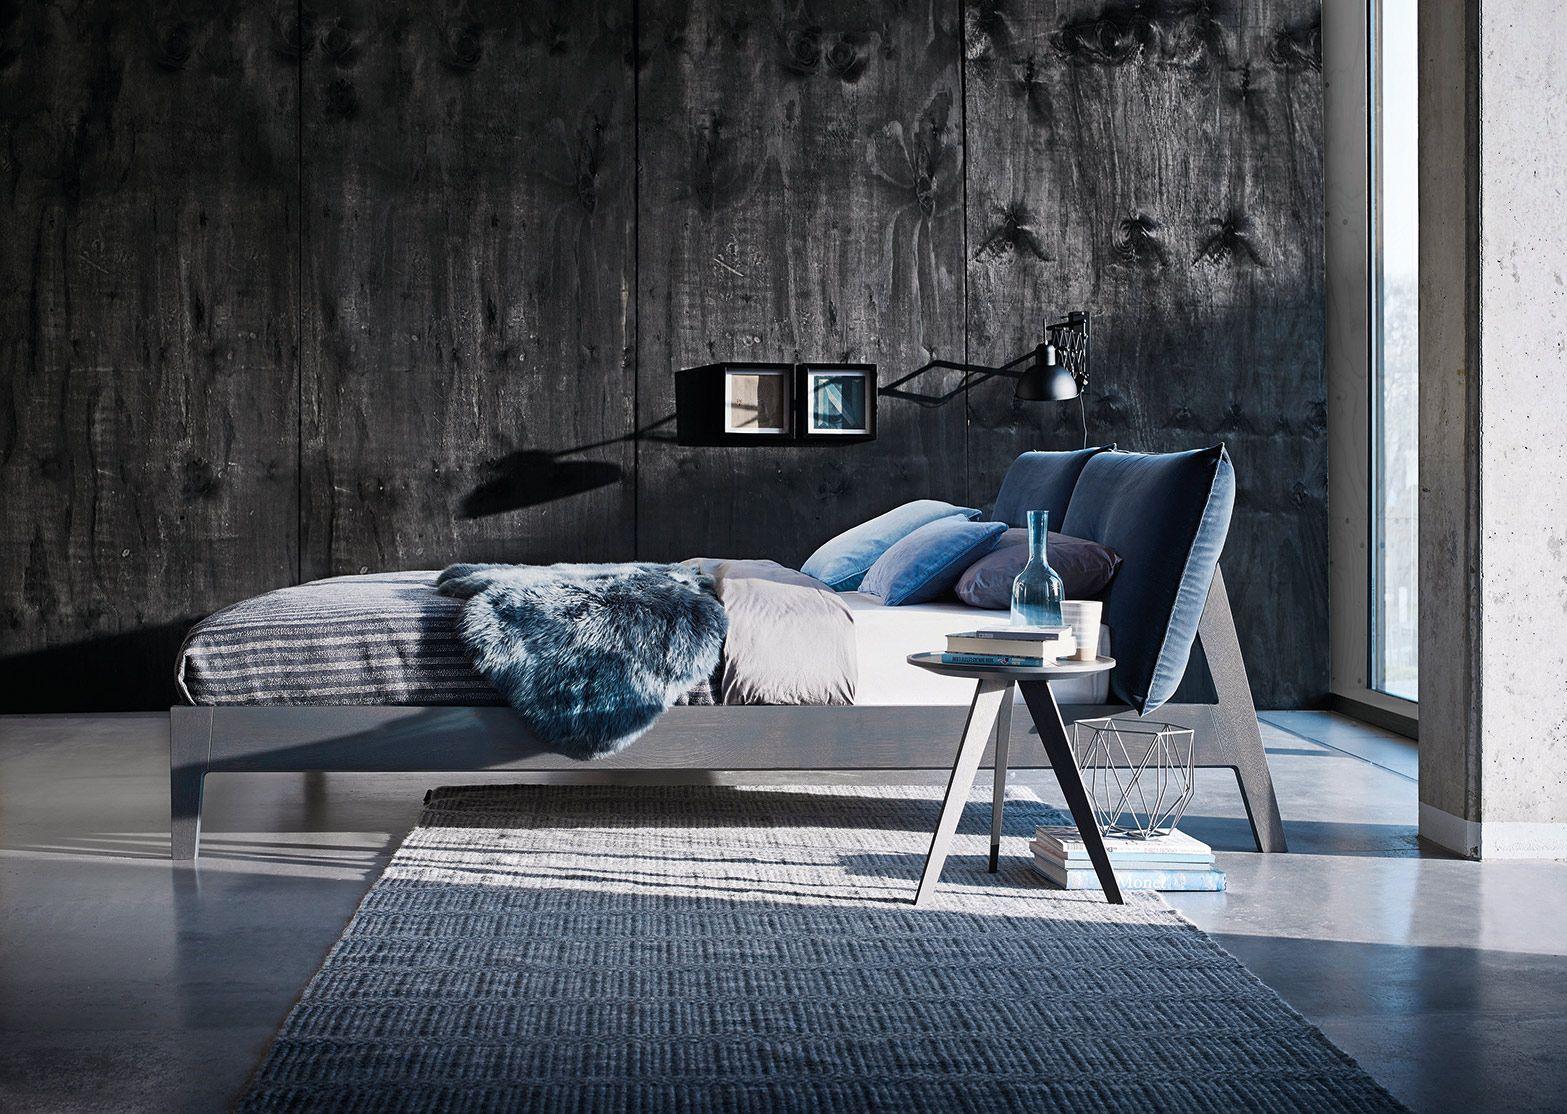 Bett Alva von Möller Design - Betten Auer - Schlafstudio im Raum Rosenheim - das werkhaus